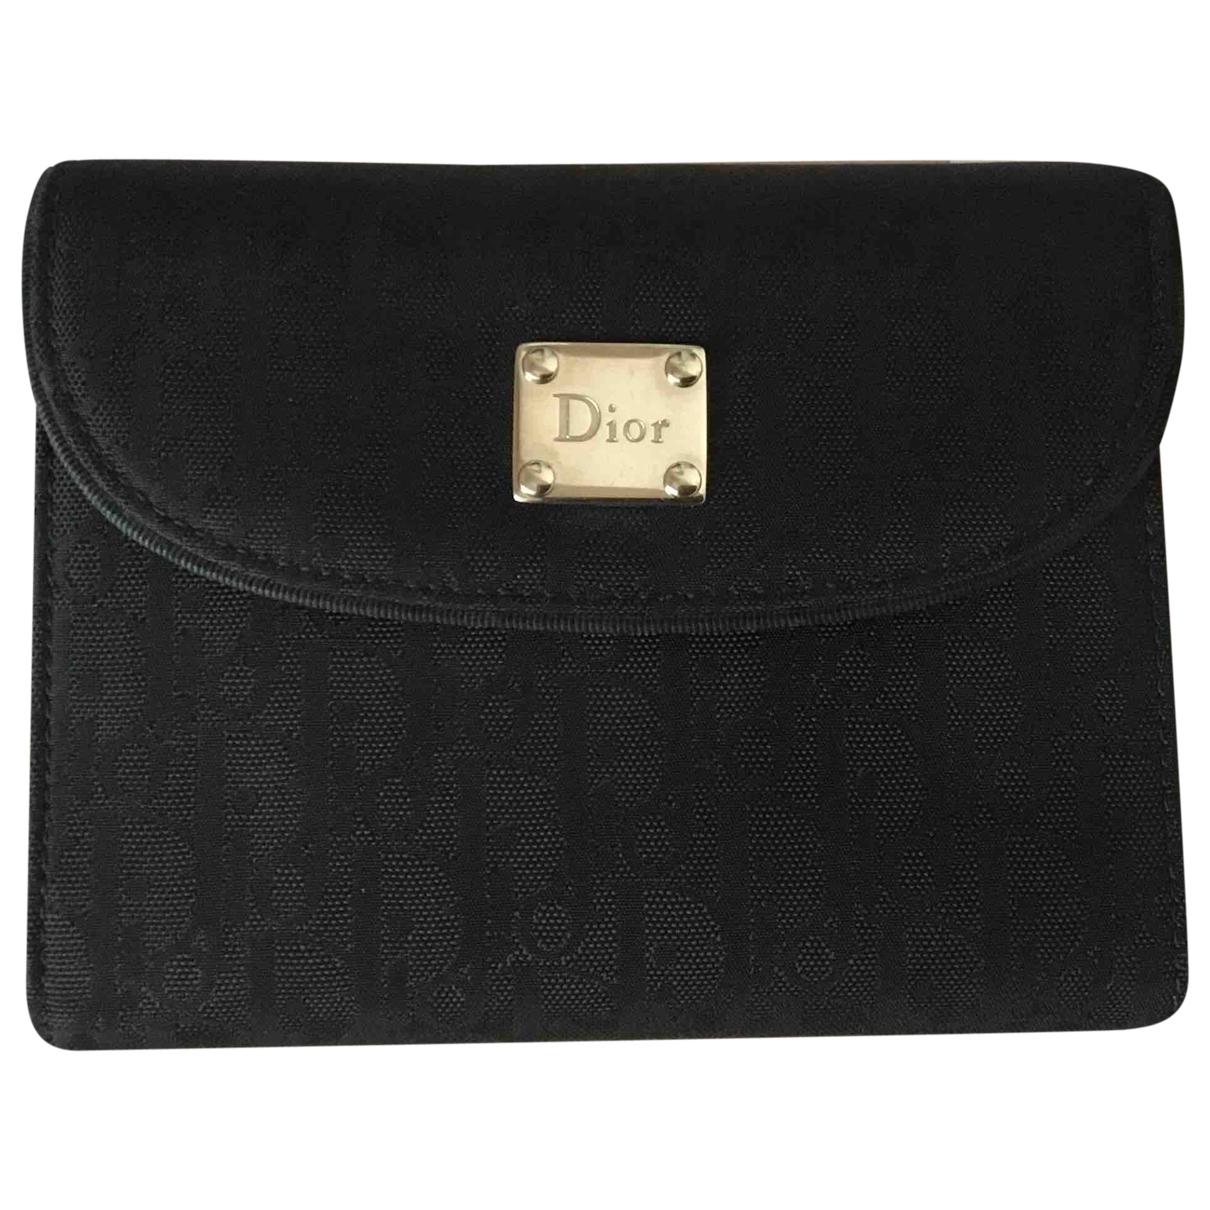 Objetos y Decoracion en Sintetico Negro Dior